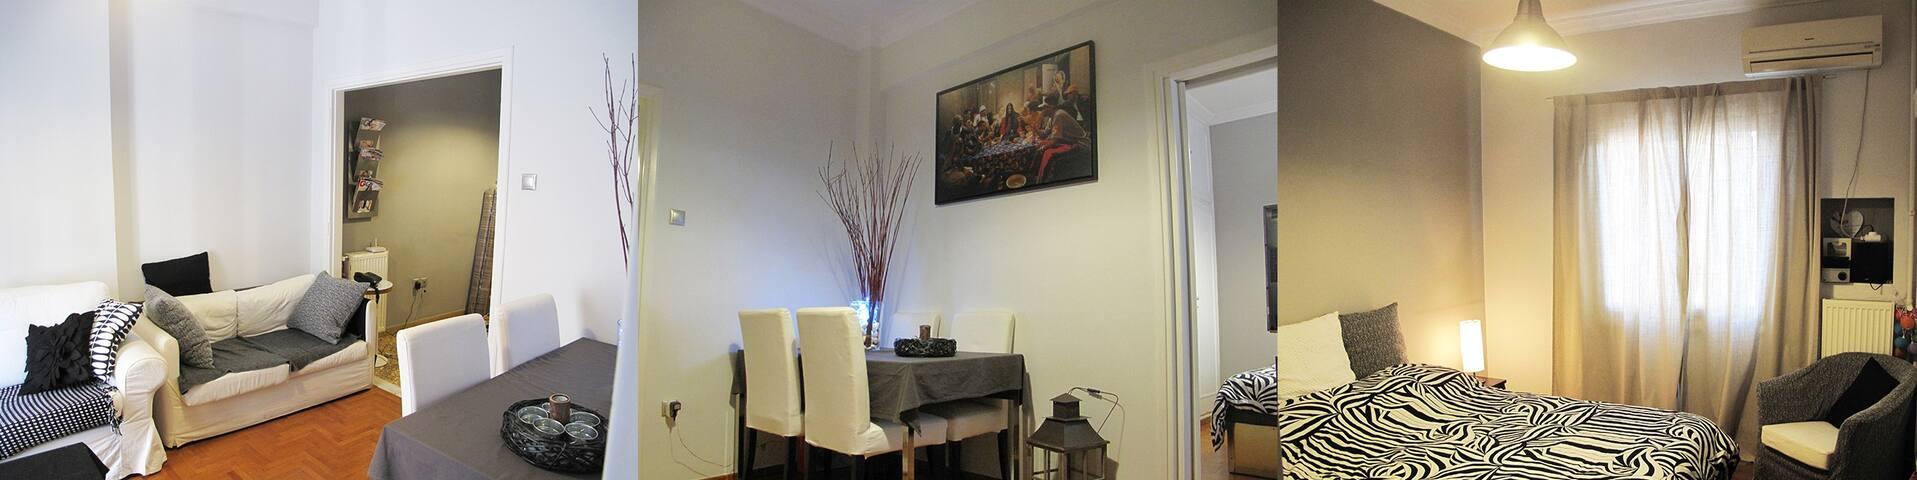 Lovely studio-apartment in the city center! - Athens - Leilighet